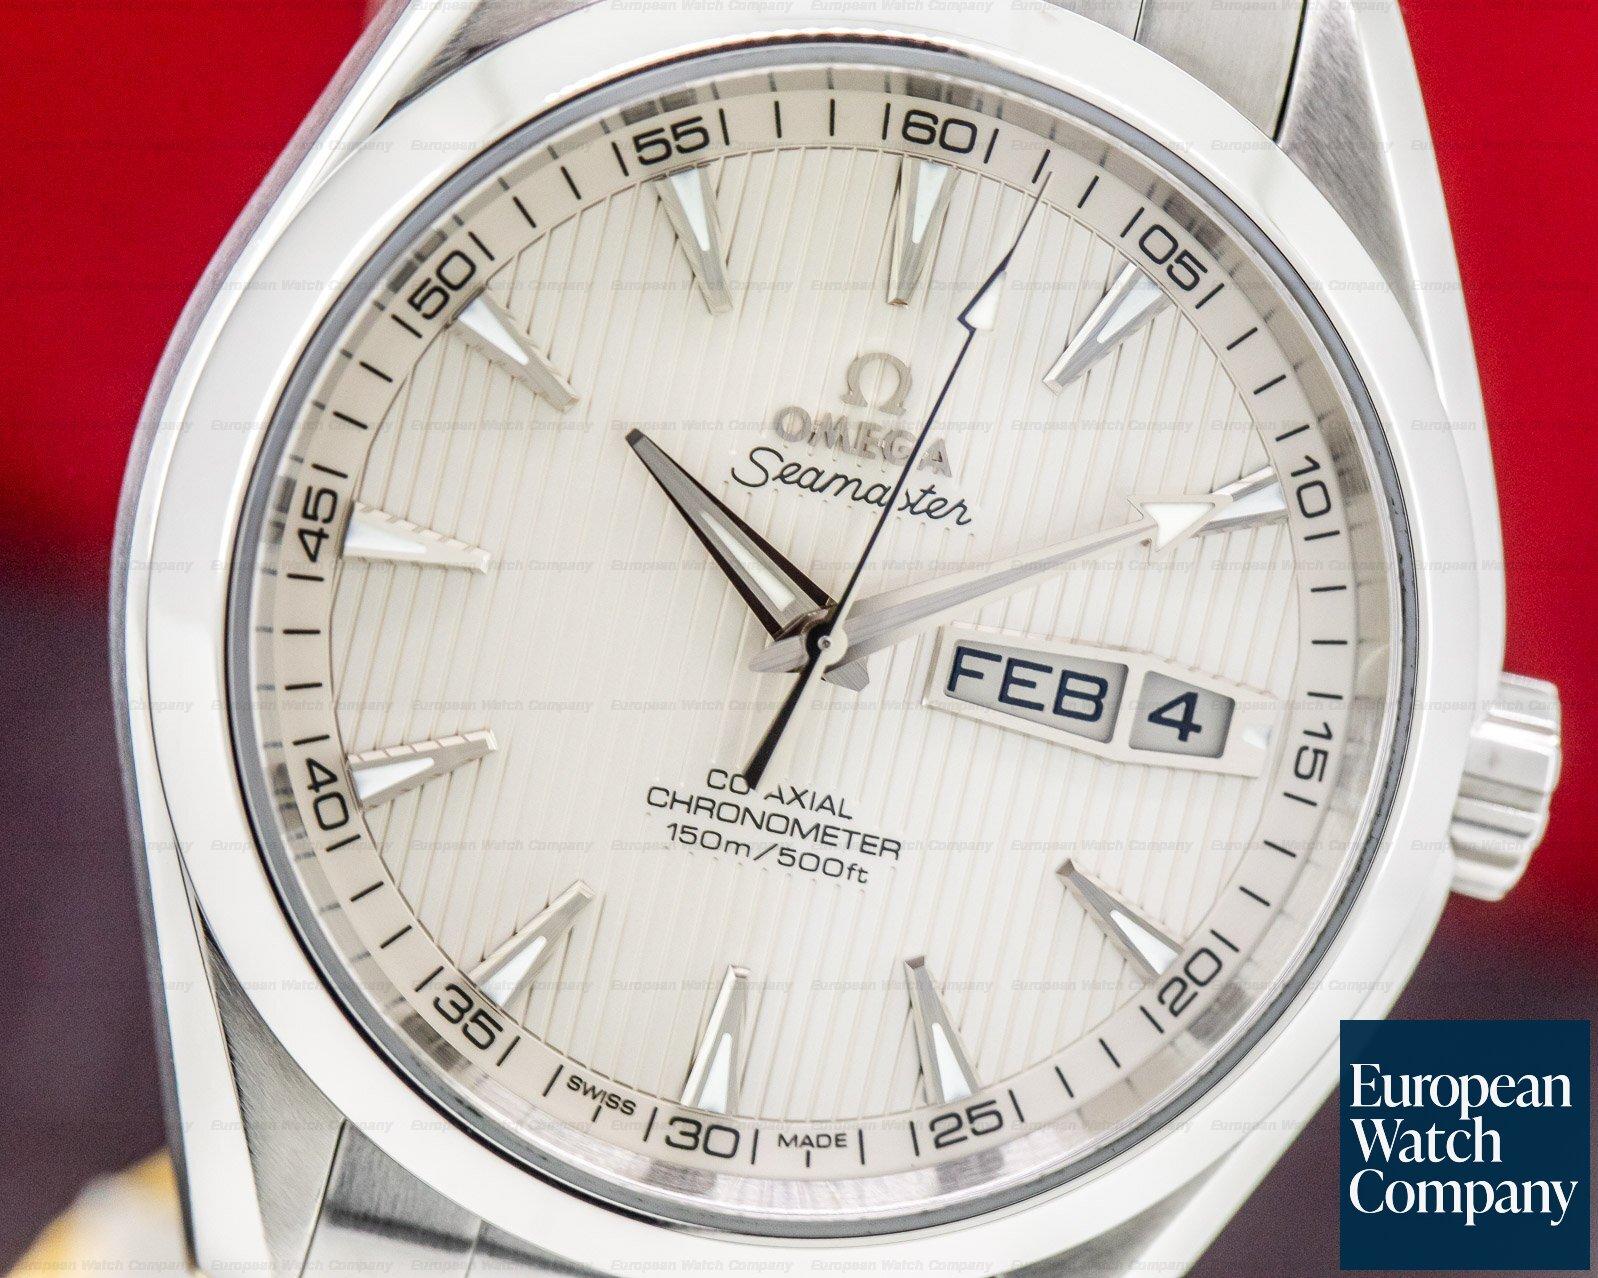 Omega 231.10.43.22.02.001 Aqua Terra Annual Calendar Co-Axial 150M SS / SS